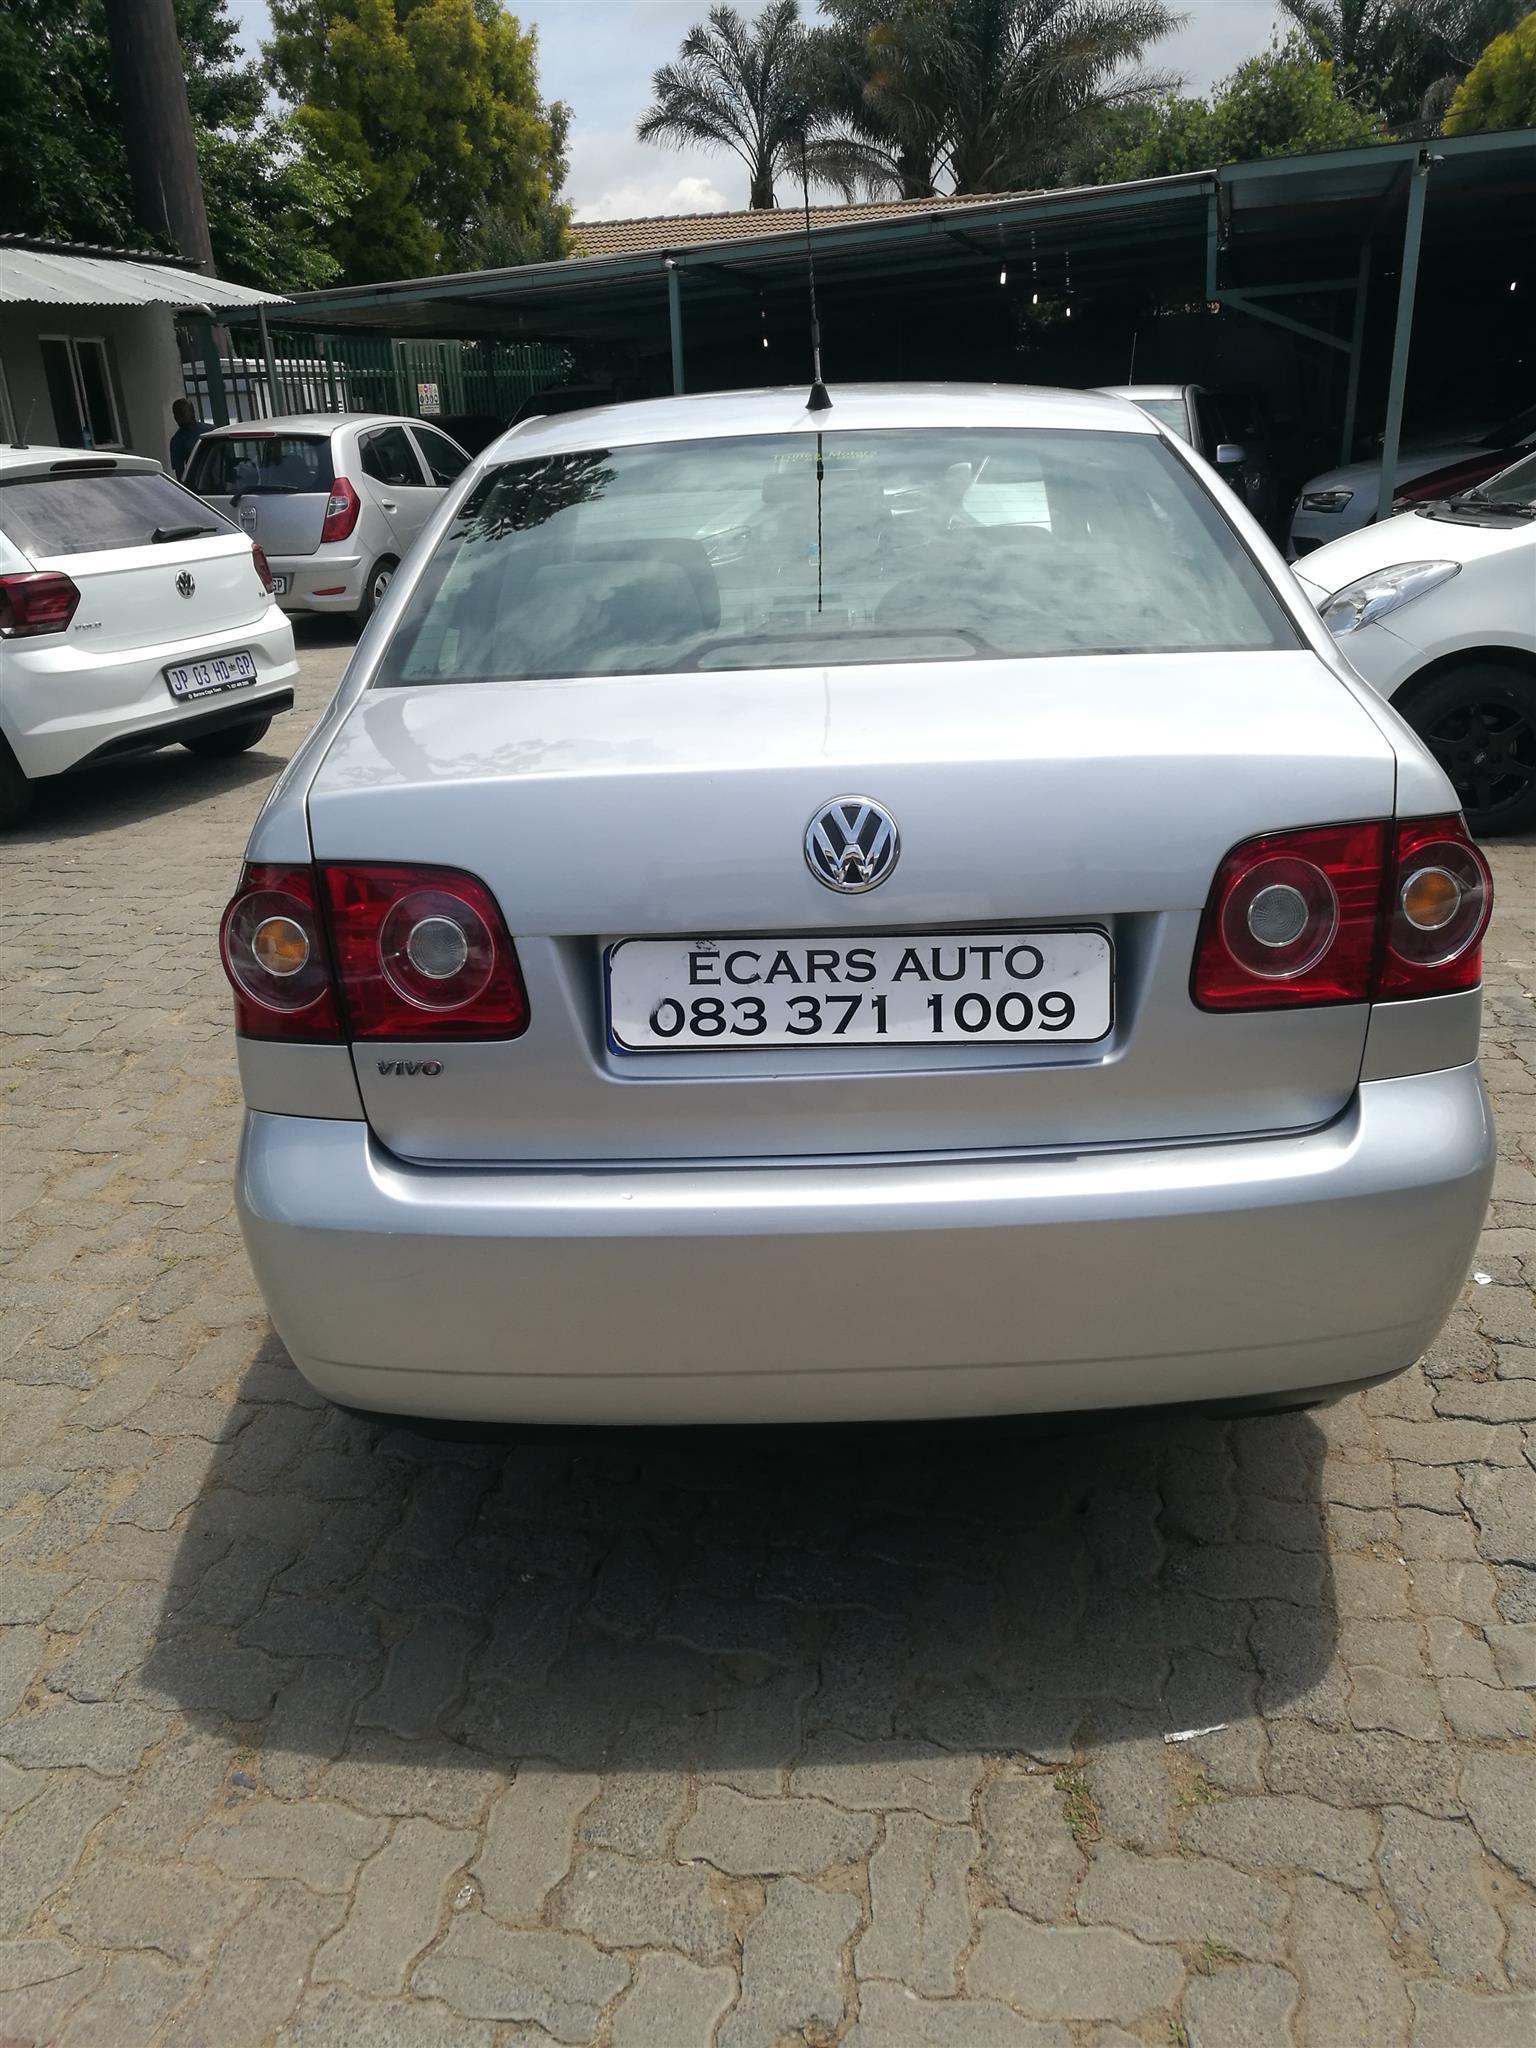 2016 VW Polo Vivo 3 door 1.6 GT